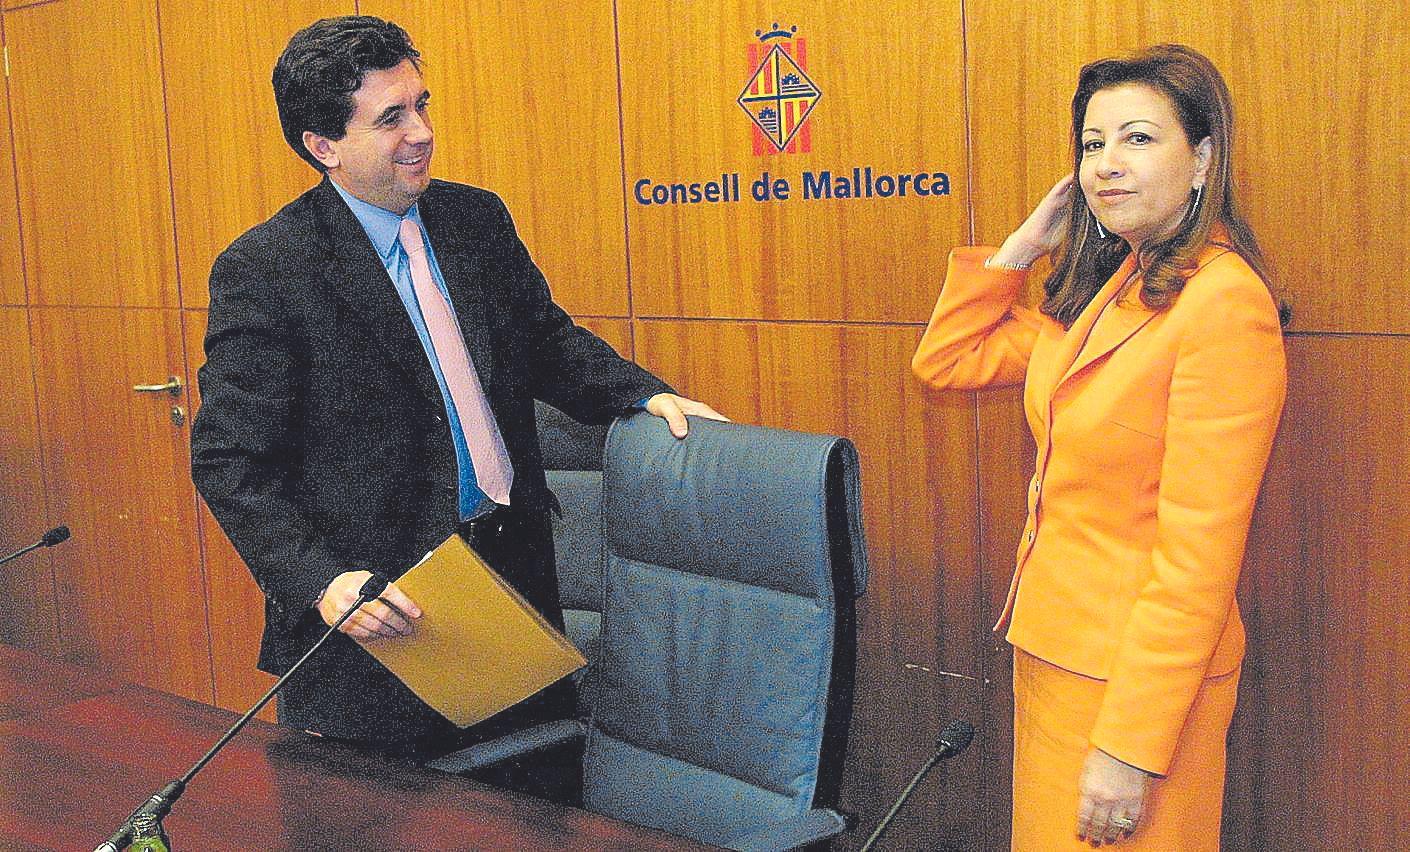 Los entonces ministro de Medio Ambiente Jaume Matas y presidenta del Consell de Mallorca Maria Antònia Munar, el viernes 28 de diciembre de 2001 en la sede del Consell, tras firmar el acuerdo para la compra de Raixa.